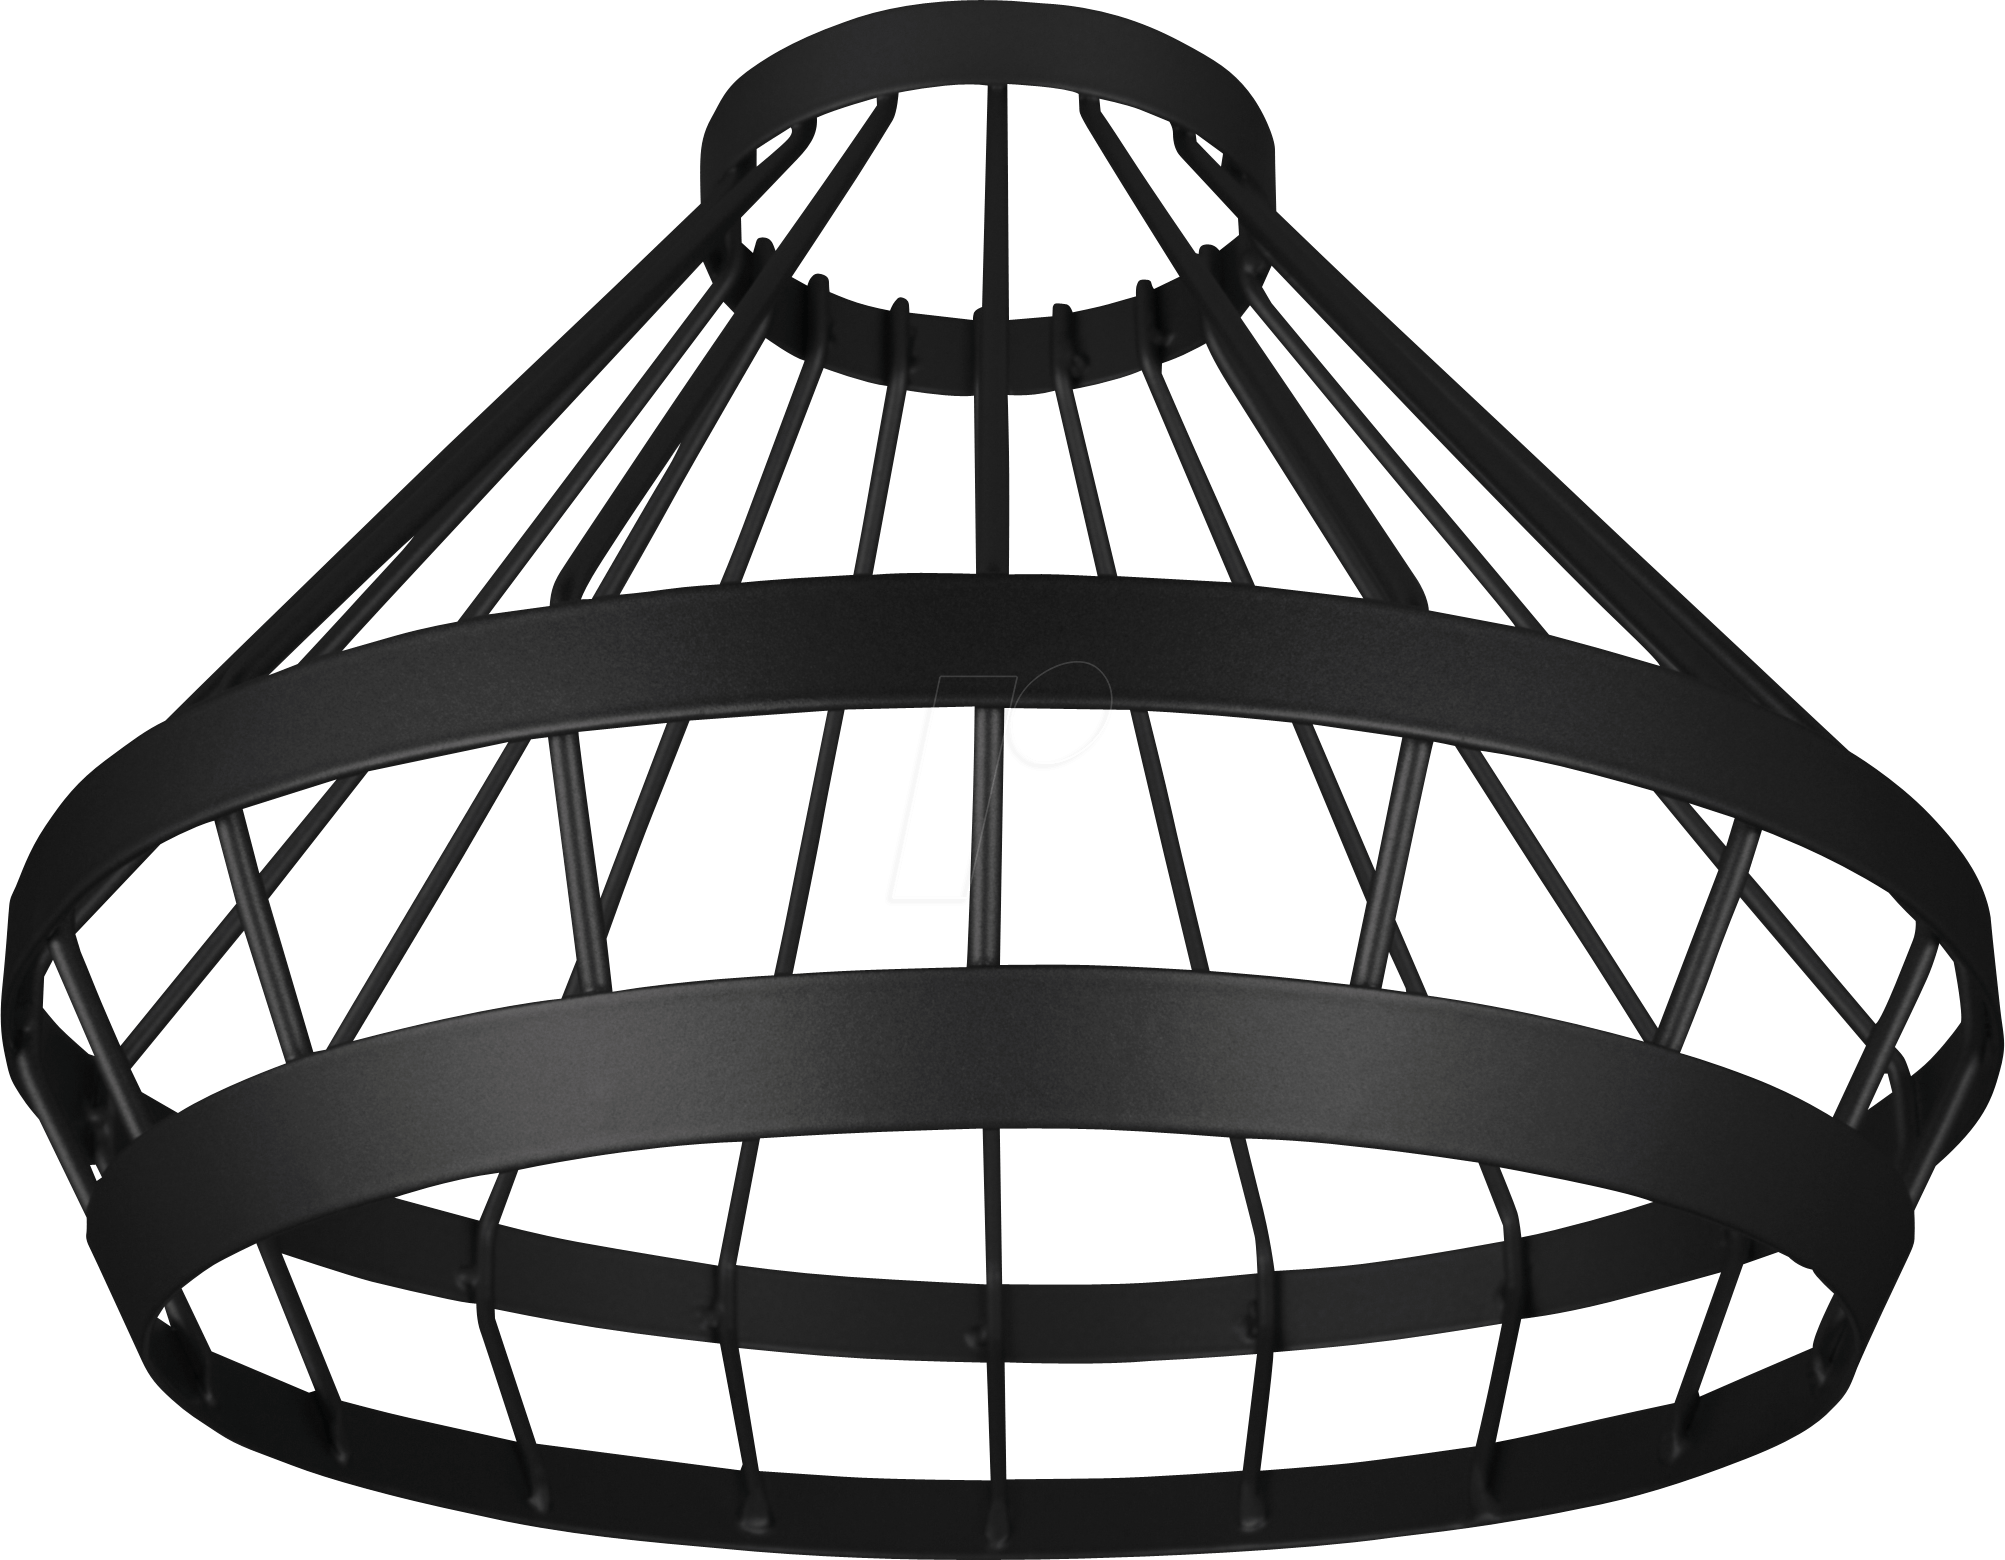 OSR 405807507354 - Lampenschirm CAGE für VINTAGE 1906 PENDULUM, schwarz